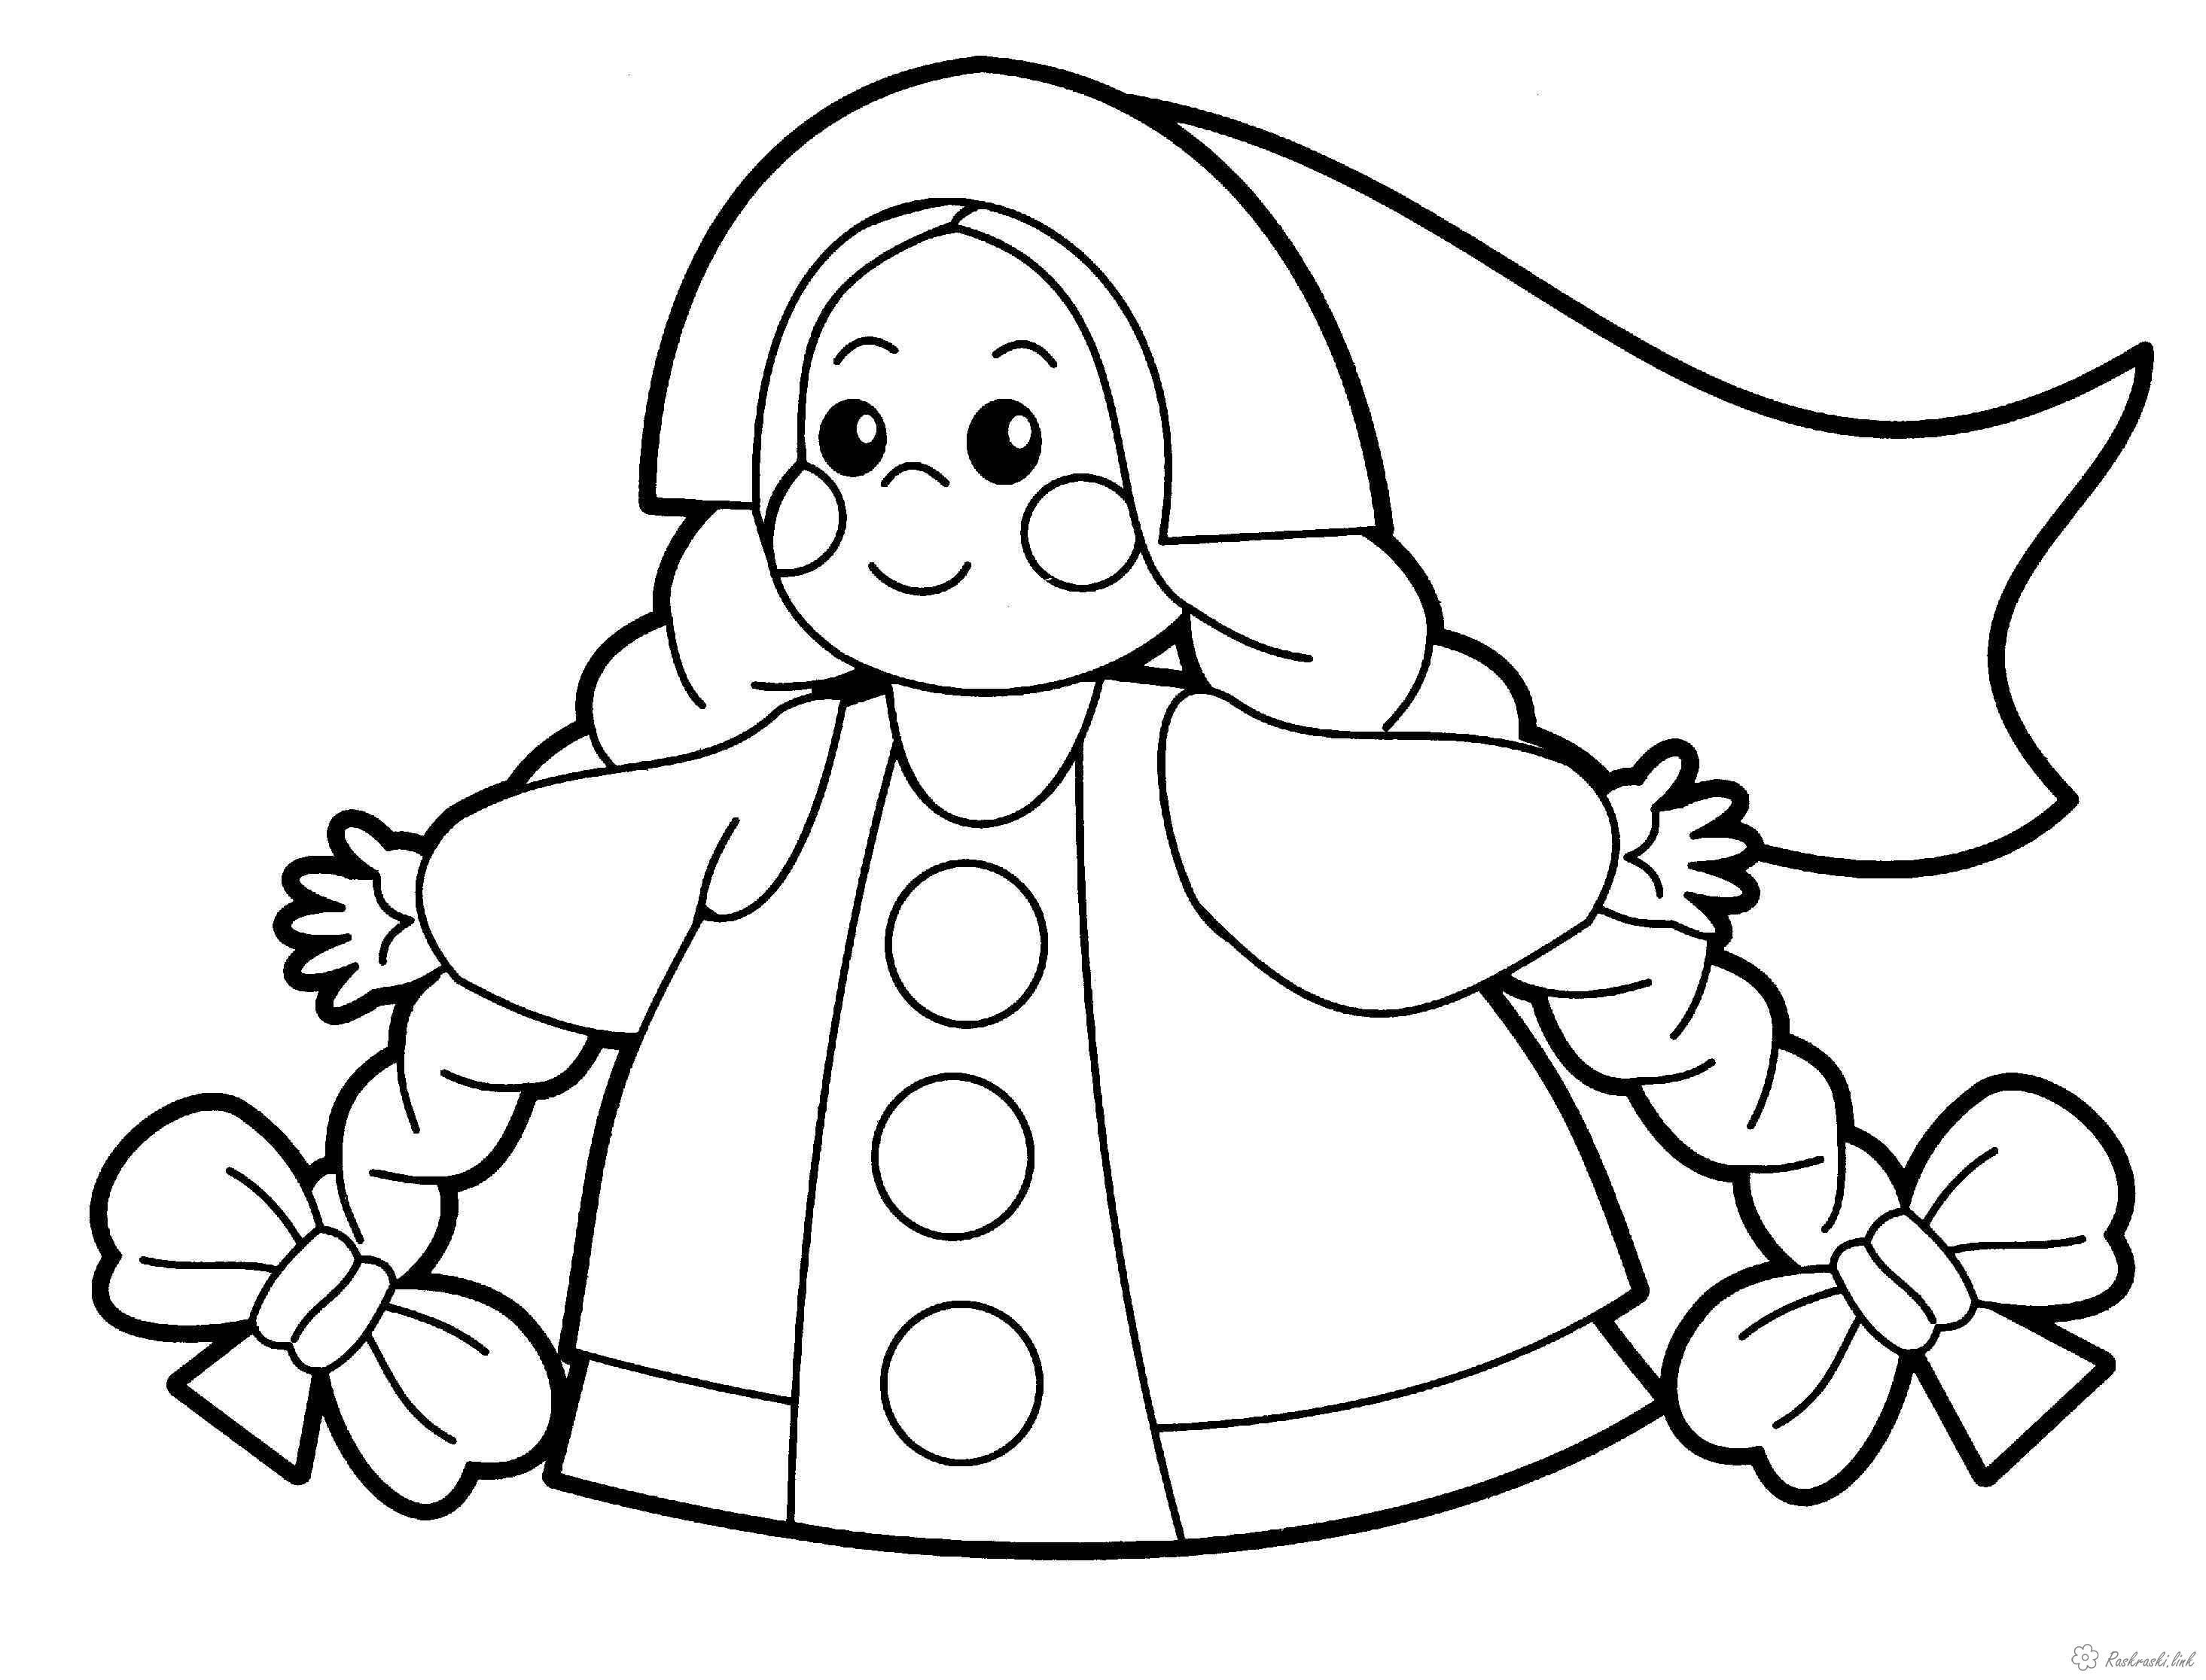 Розмальовки дівчинка Дитяча розмальовка дівчинка з довгими косами